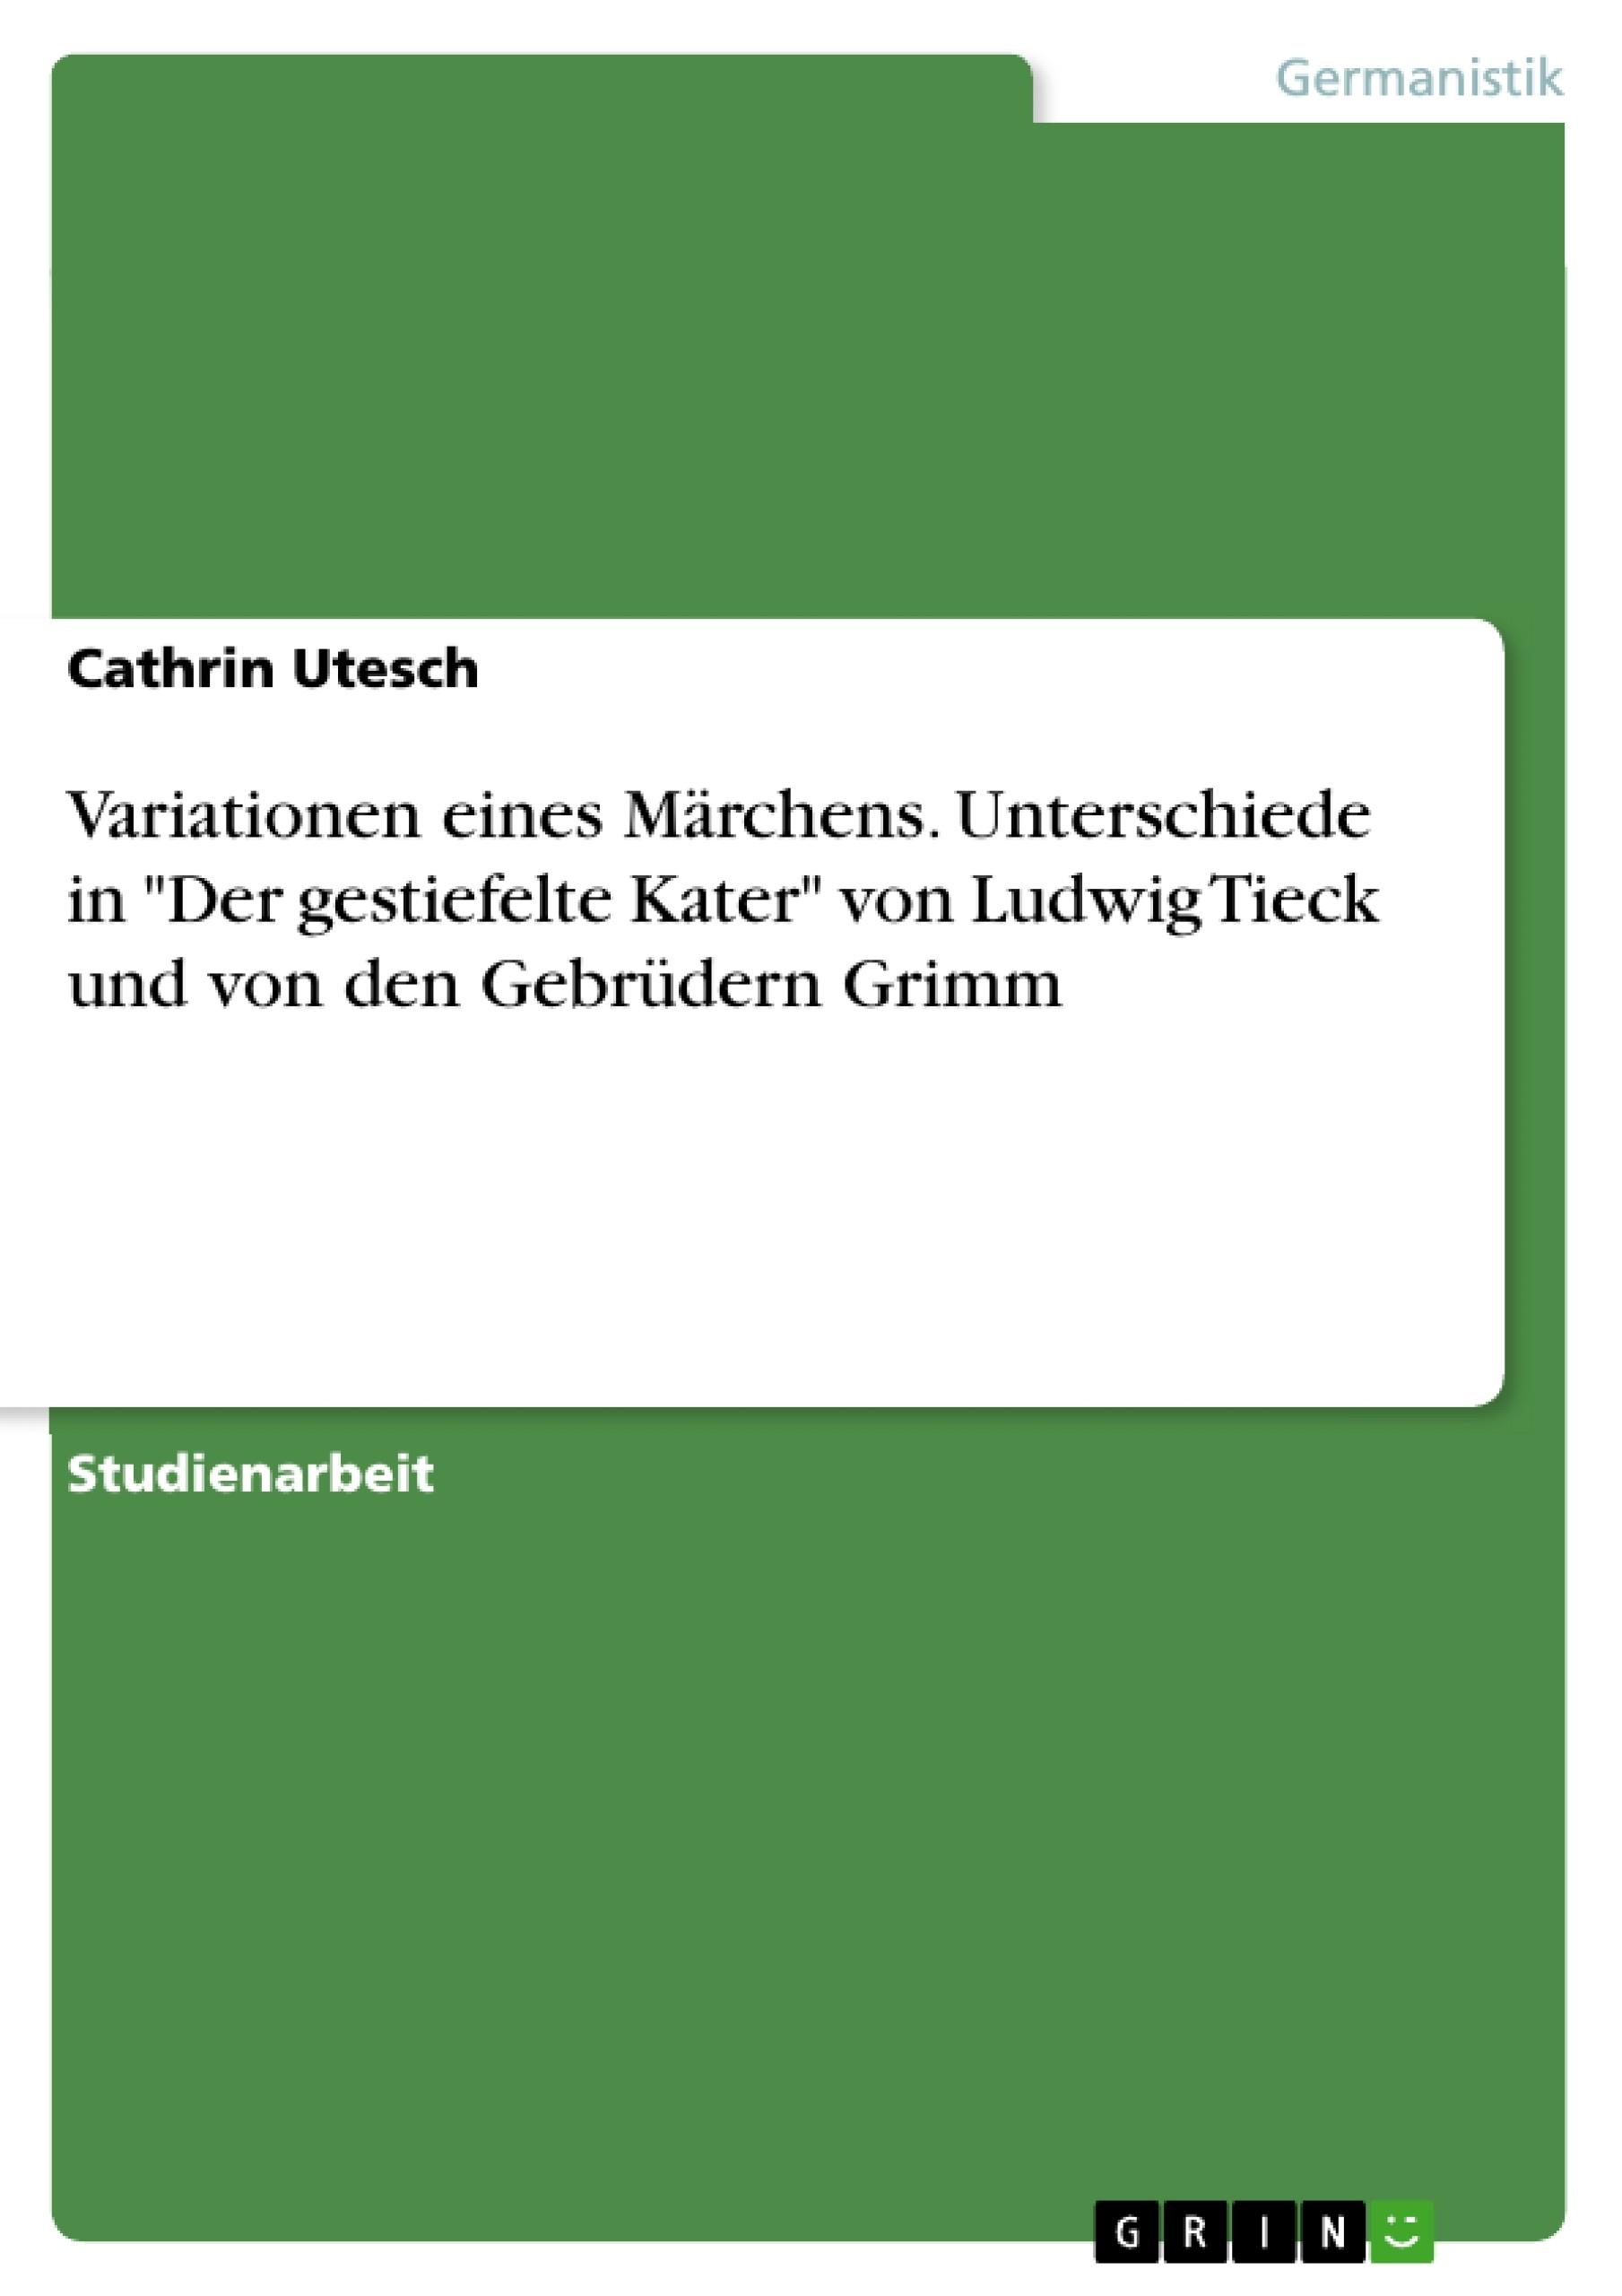 """Titel: Variationen eines Märchens. Unterschiede in """"Der gestiefelte Kater"""" von Ludwig Tieck und von den Gebrüdern Grimm"""